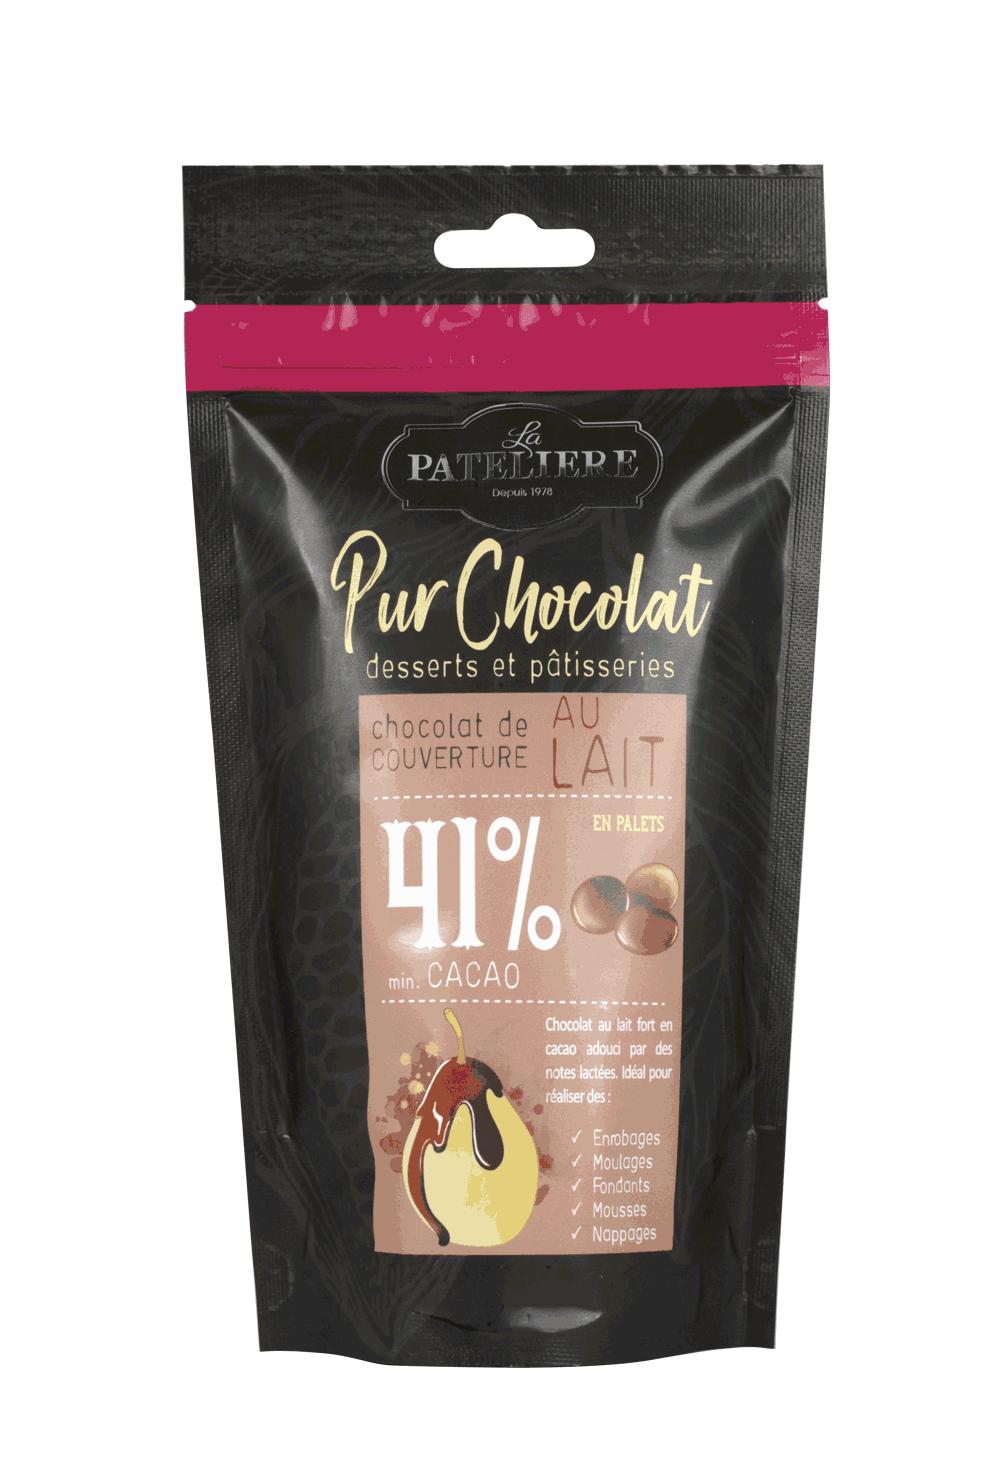 palets chocolat au lait à pâtisser LA PATELIERE